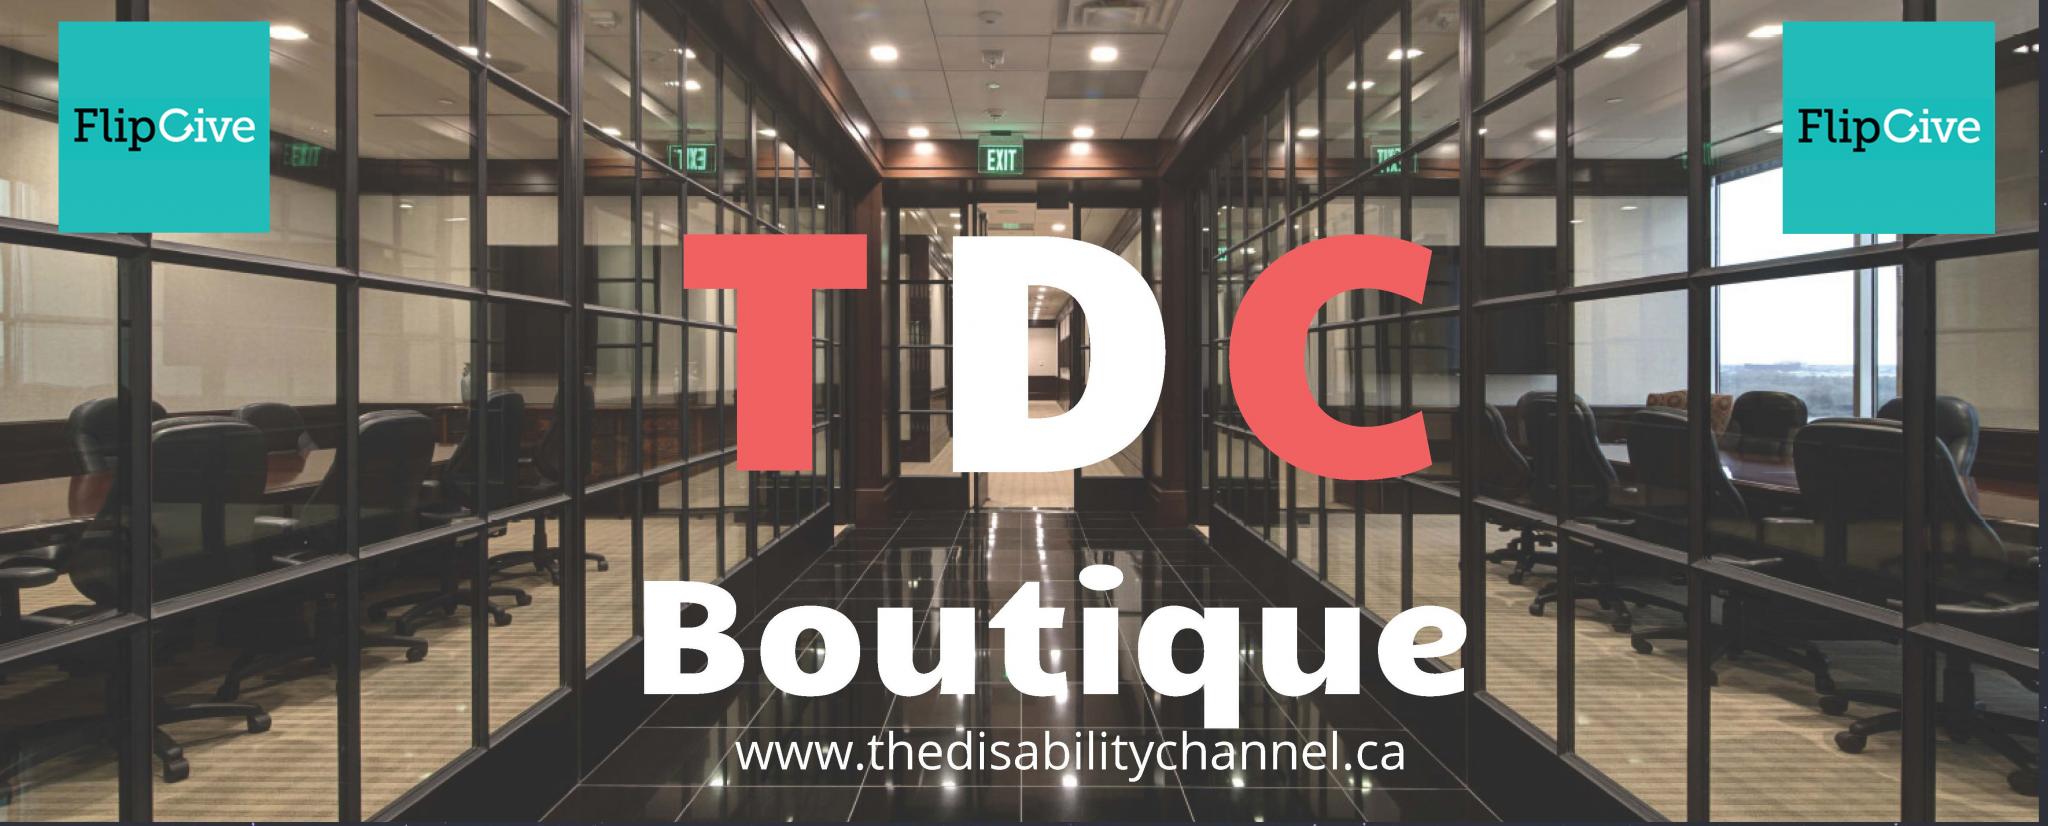 TDC Boutique Header